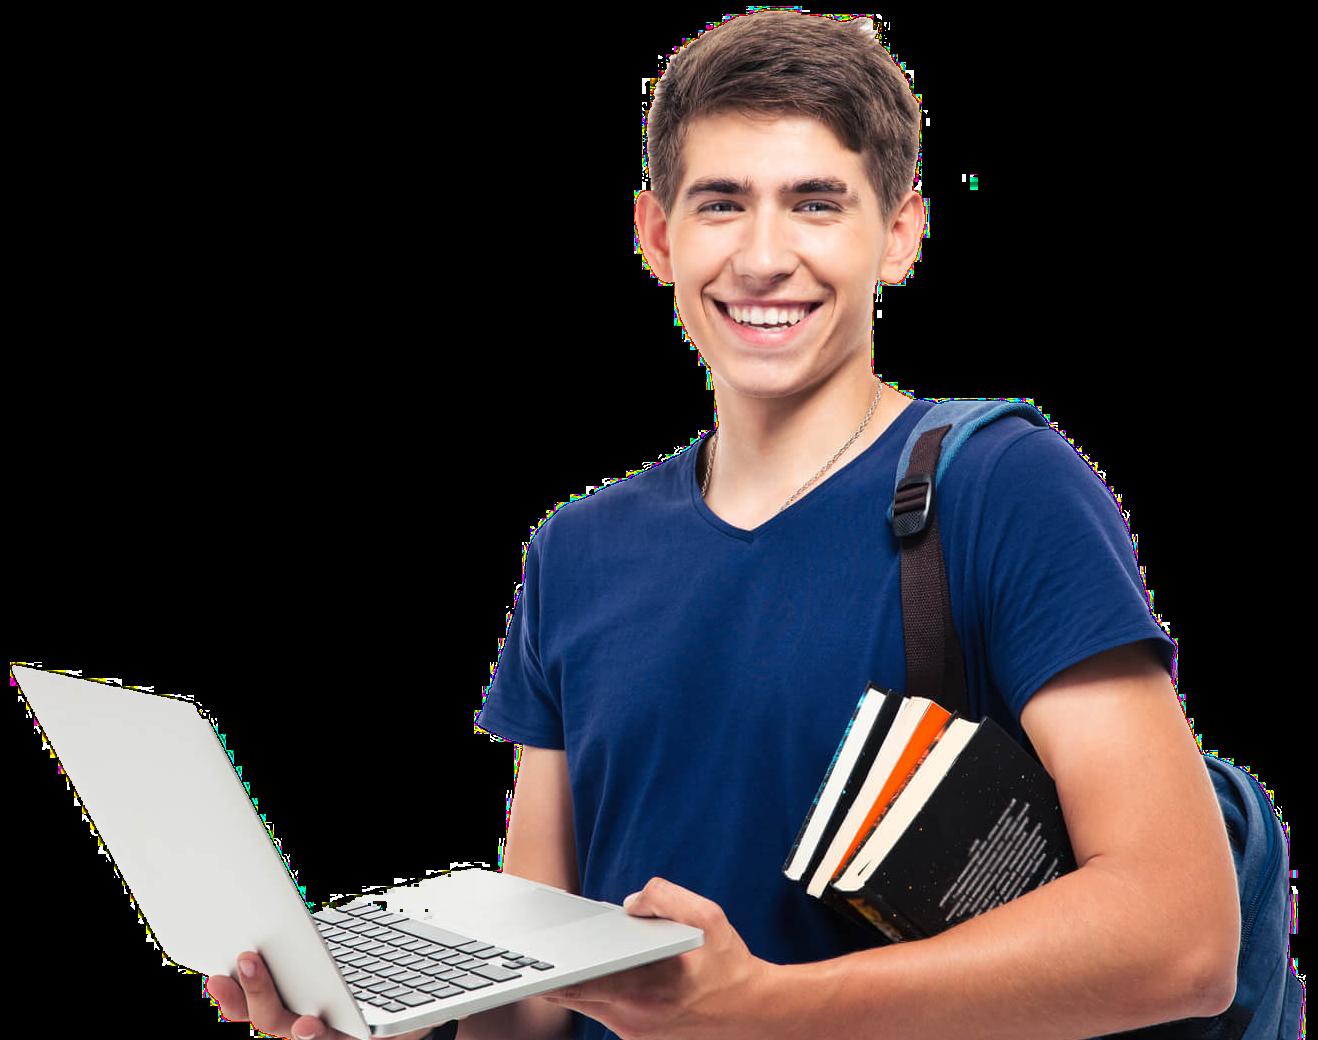 Confident-Student